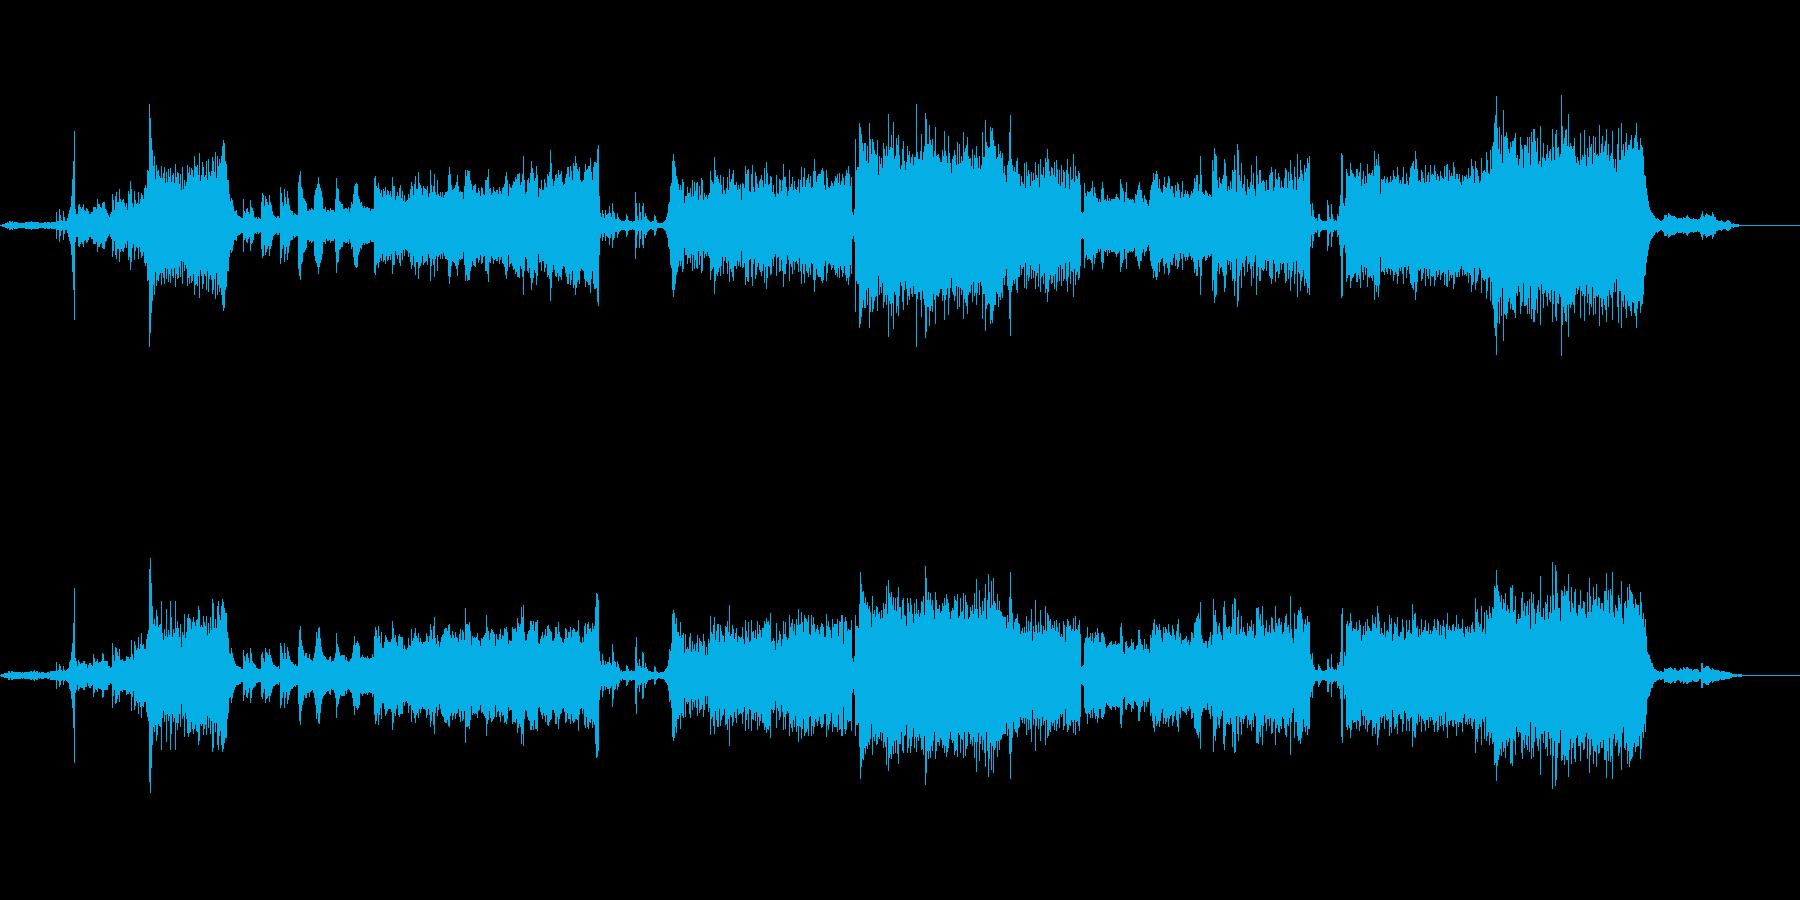 シンセとオーケストラのダークな楽曲の再生済みの波形